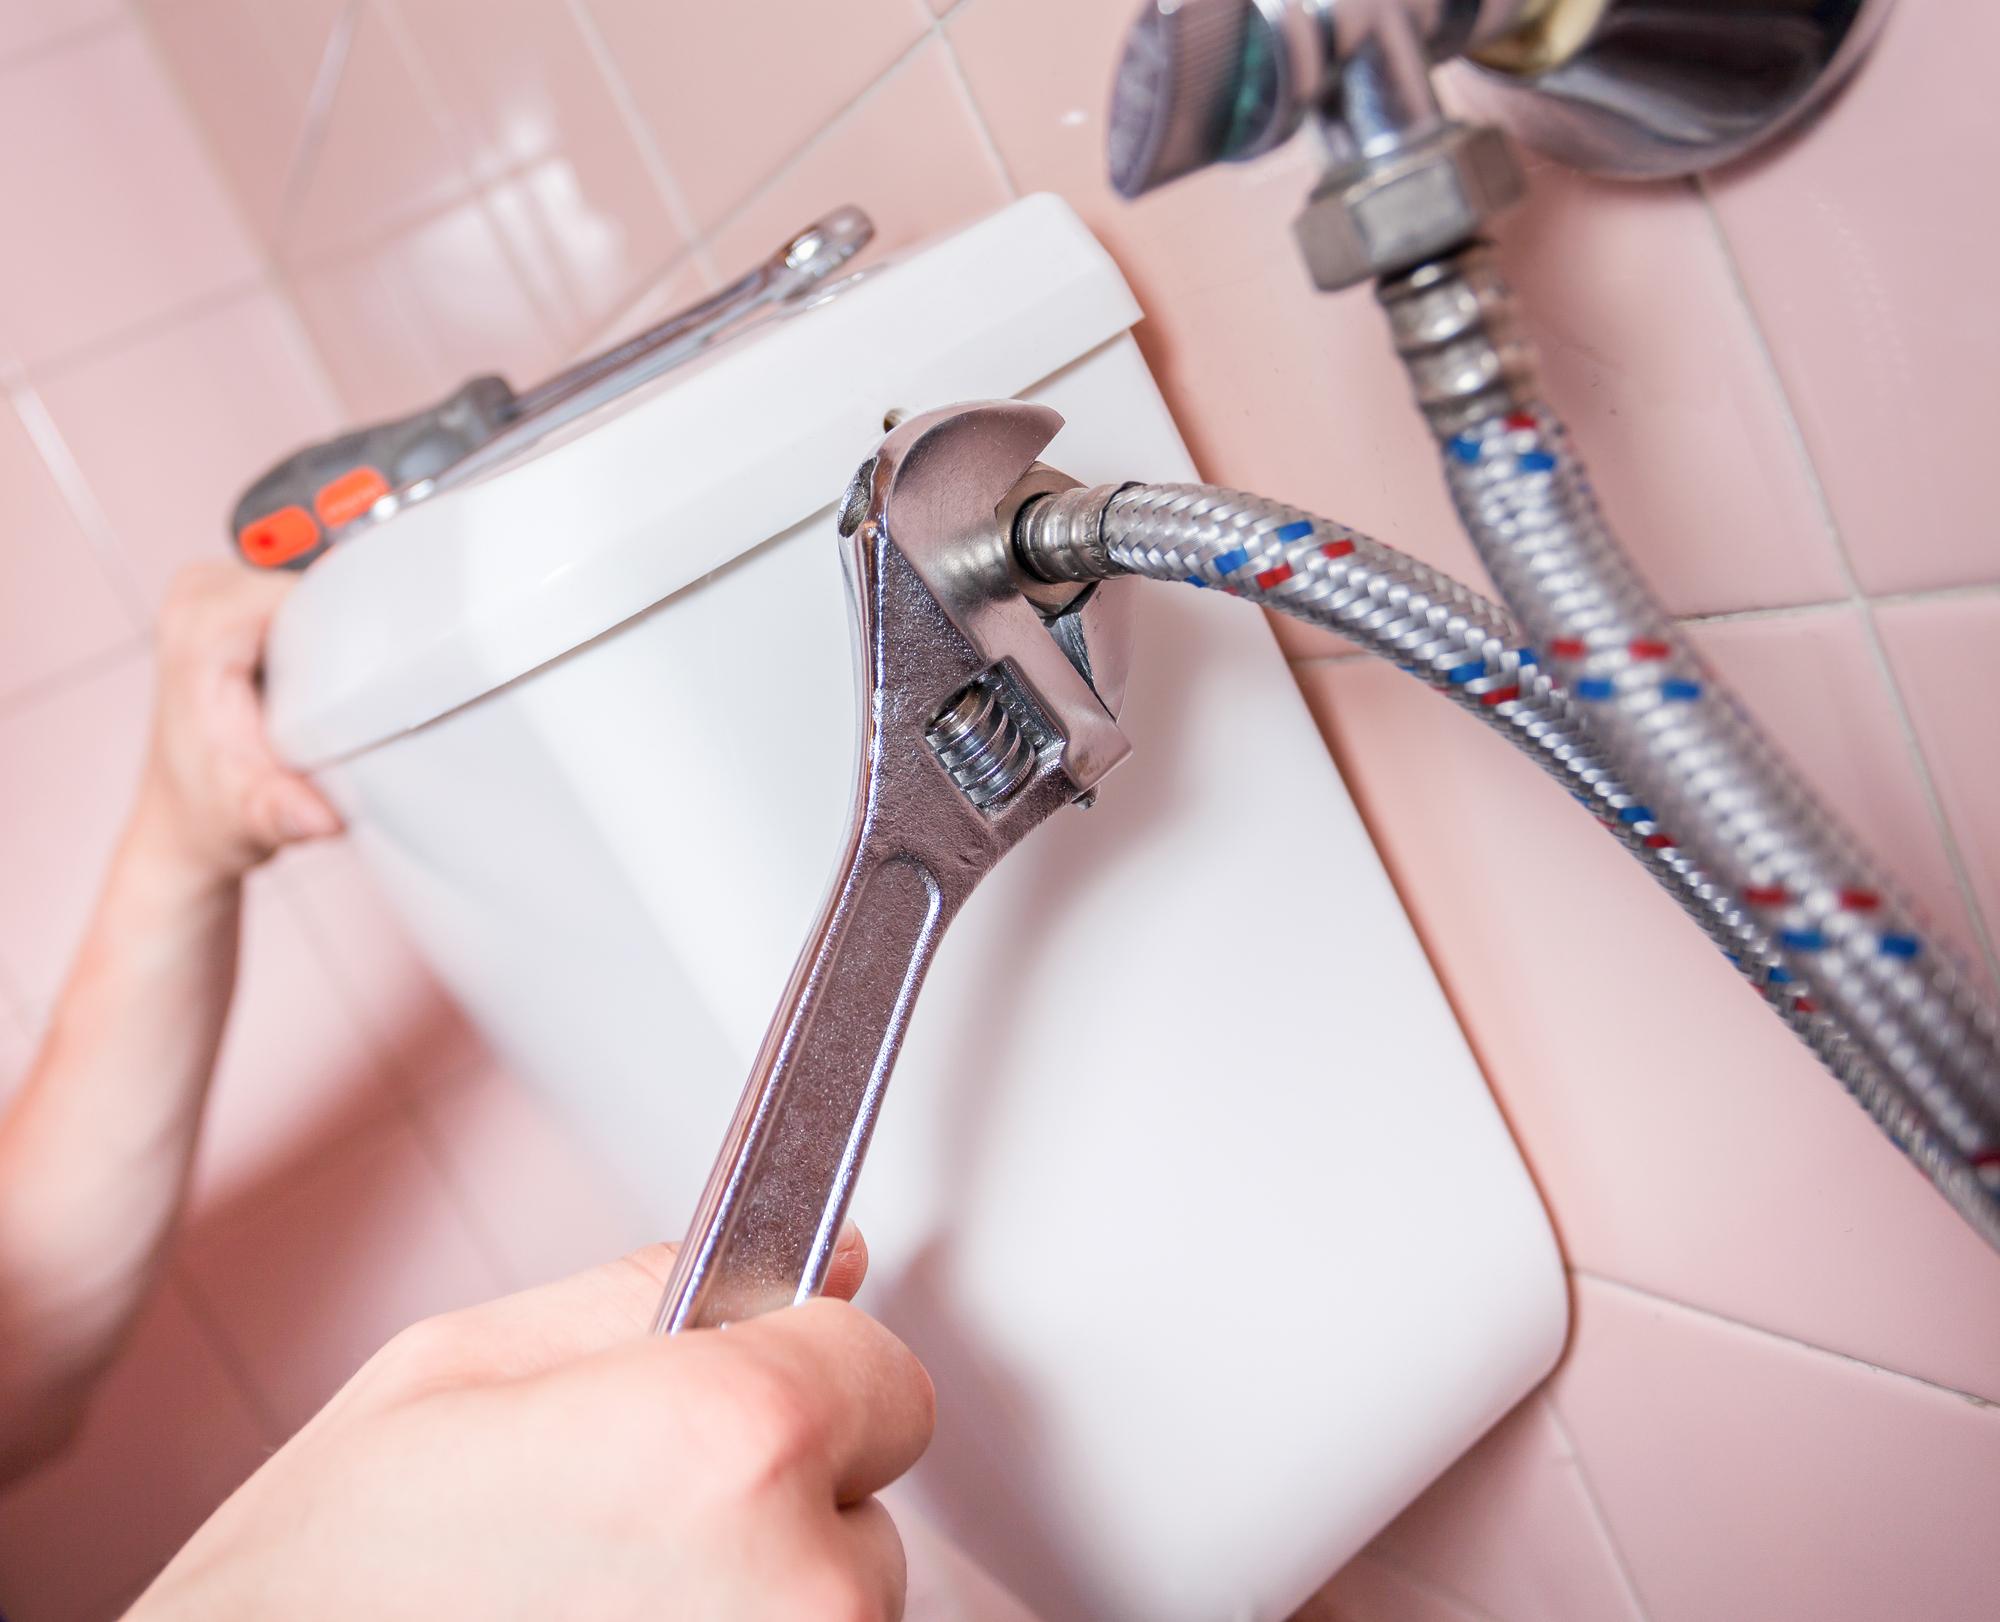 - Defective DuraPro Toilet Connector Settement